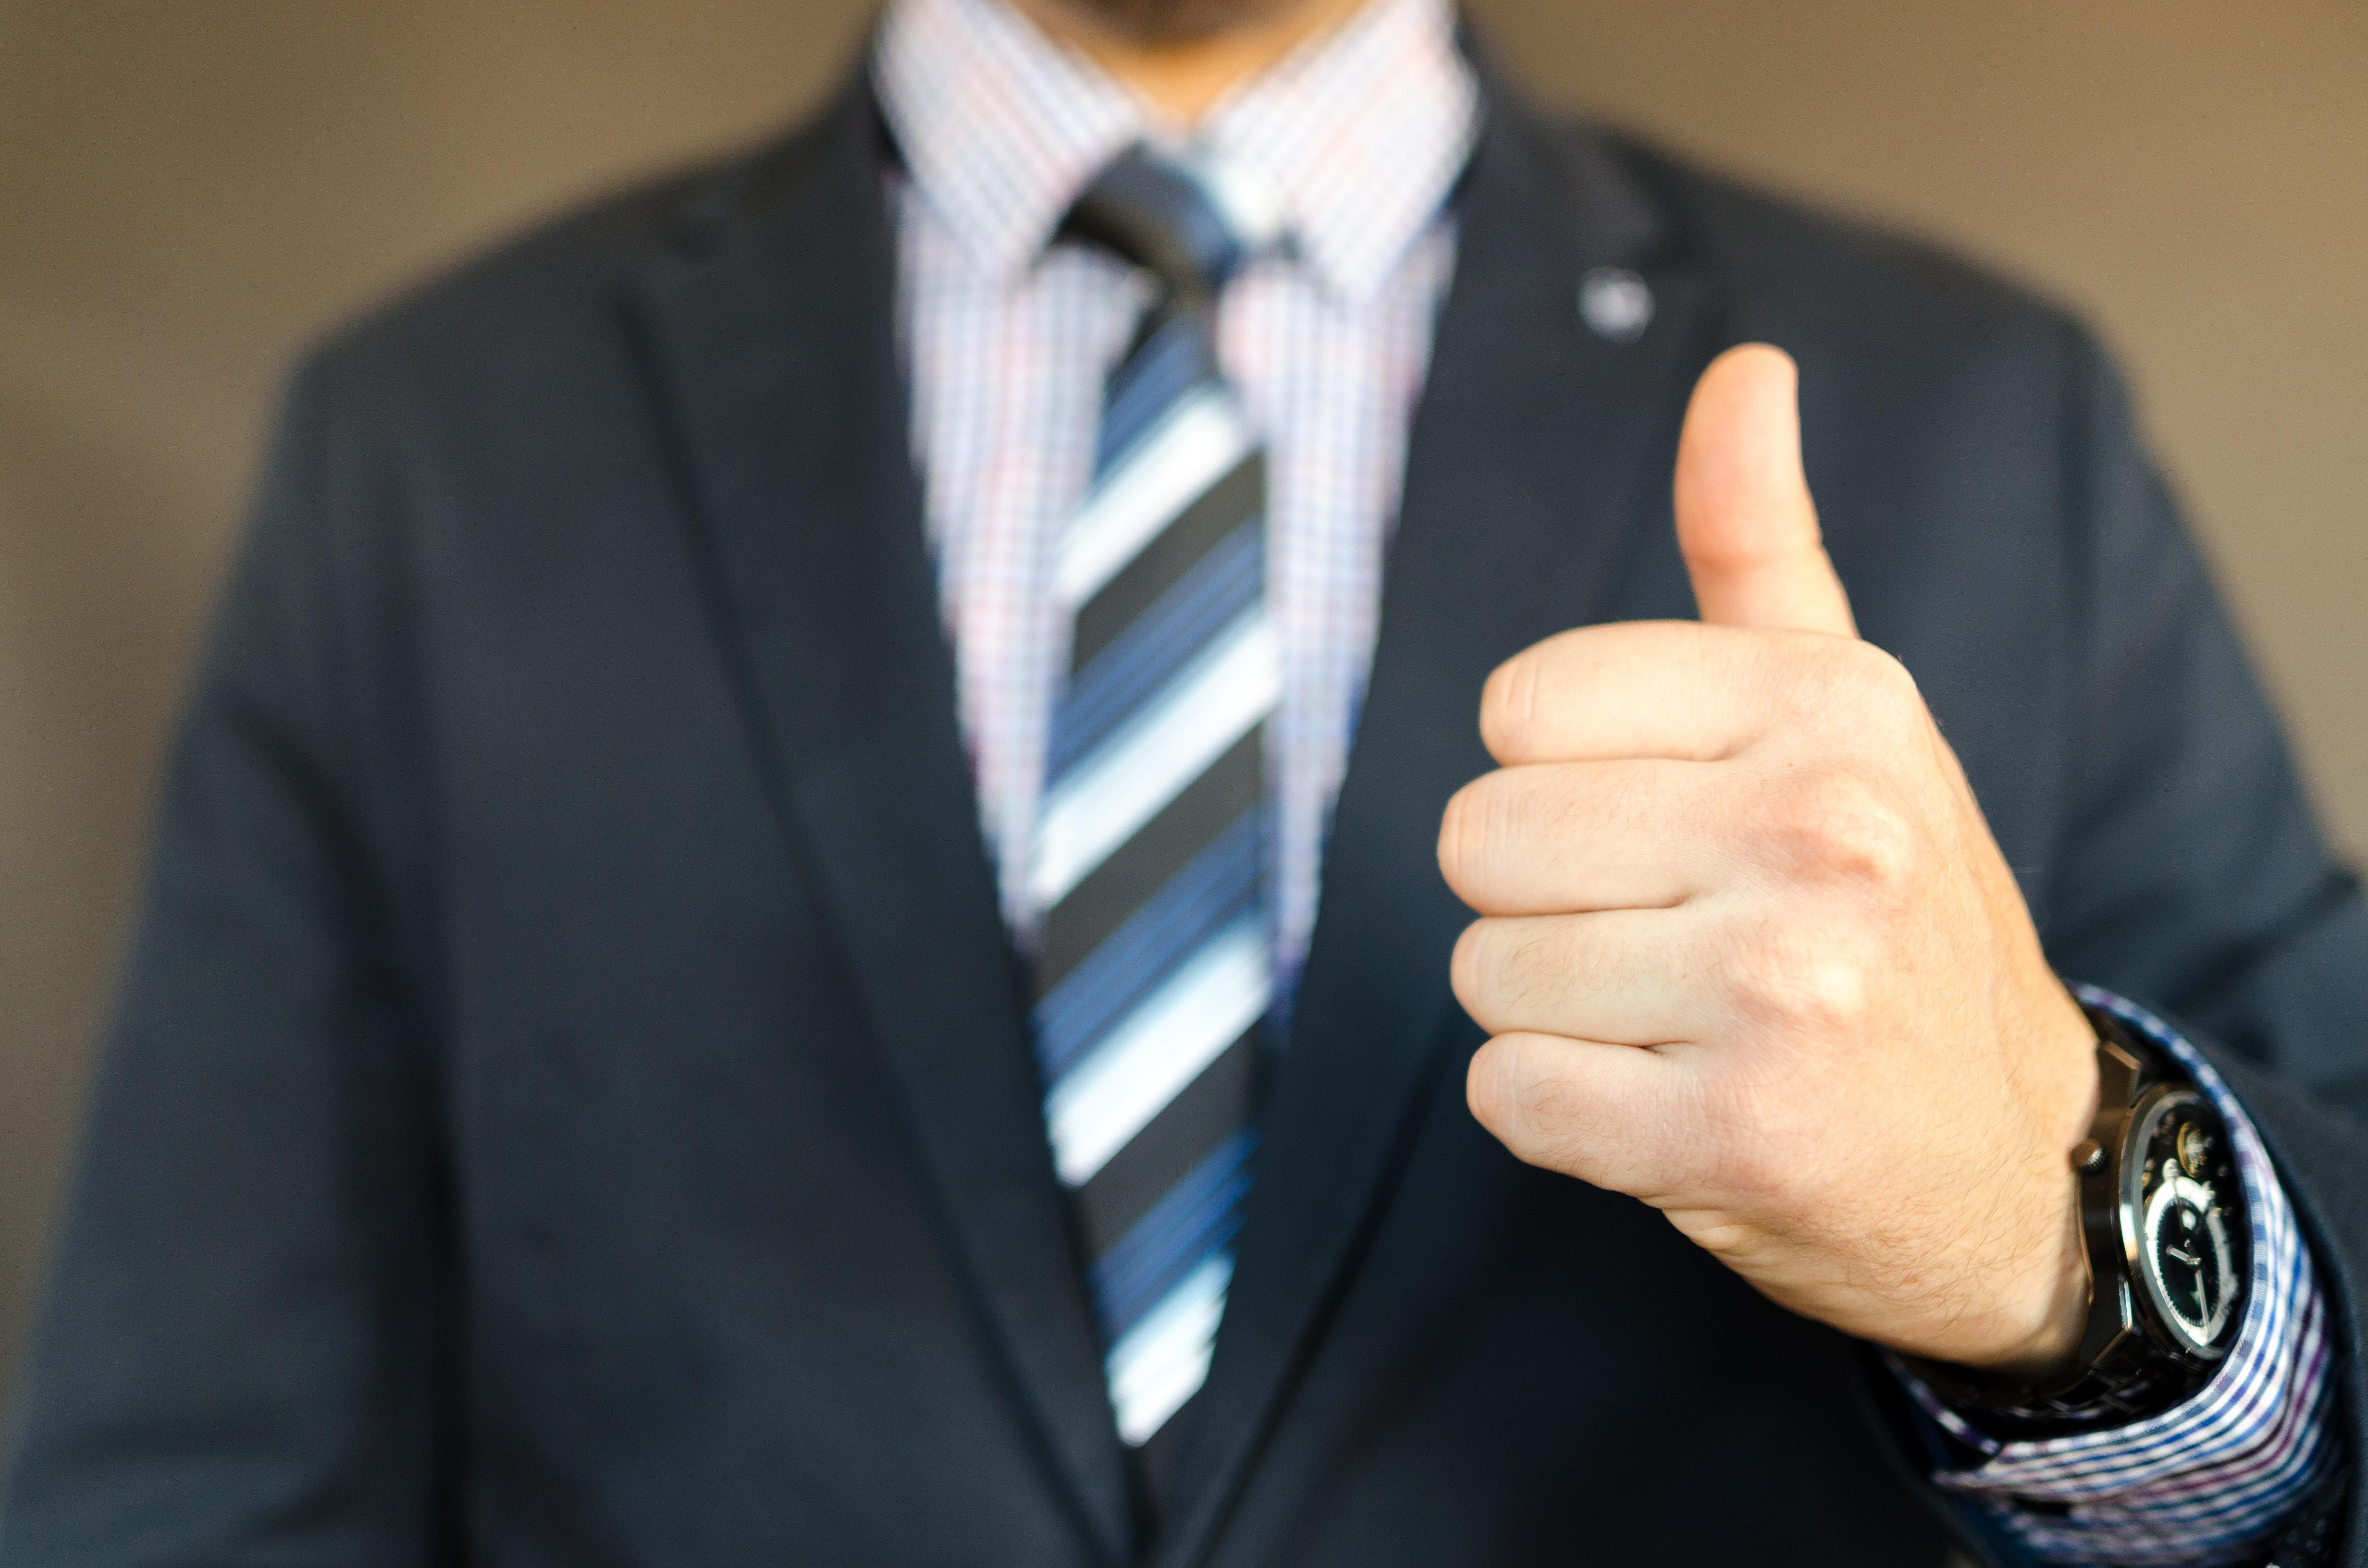 左親指を立てるビジネスマン